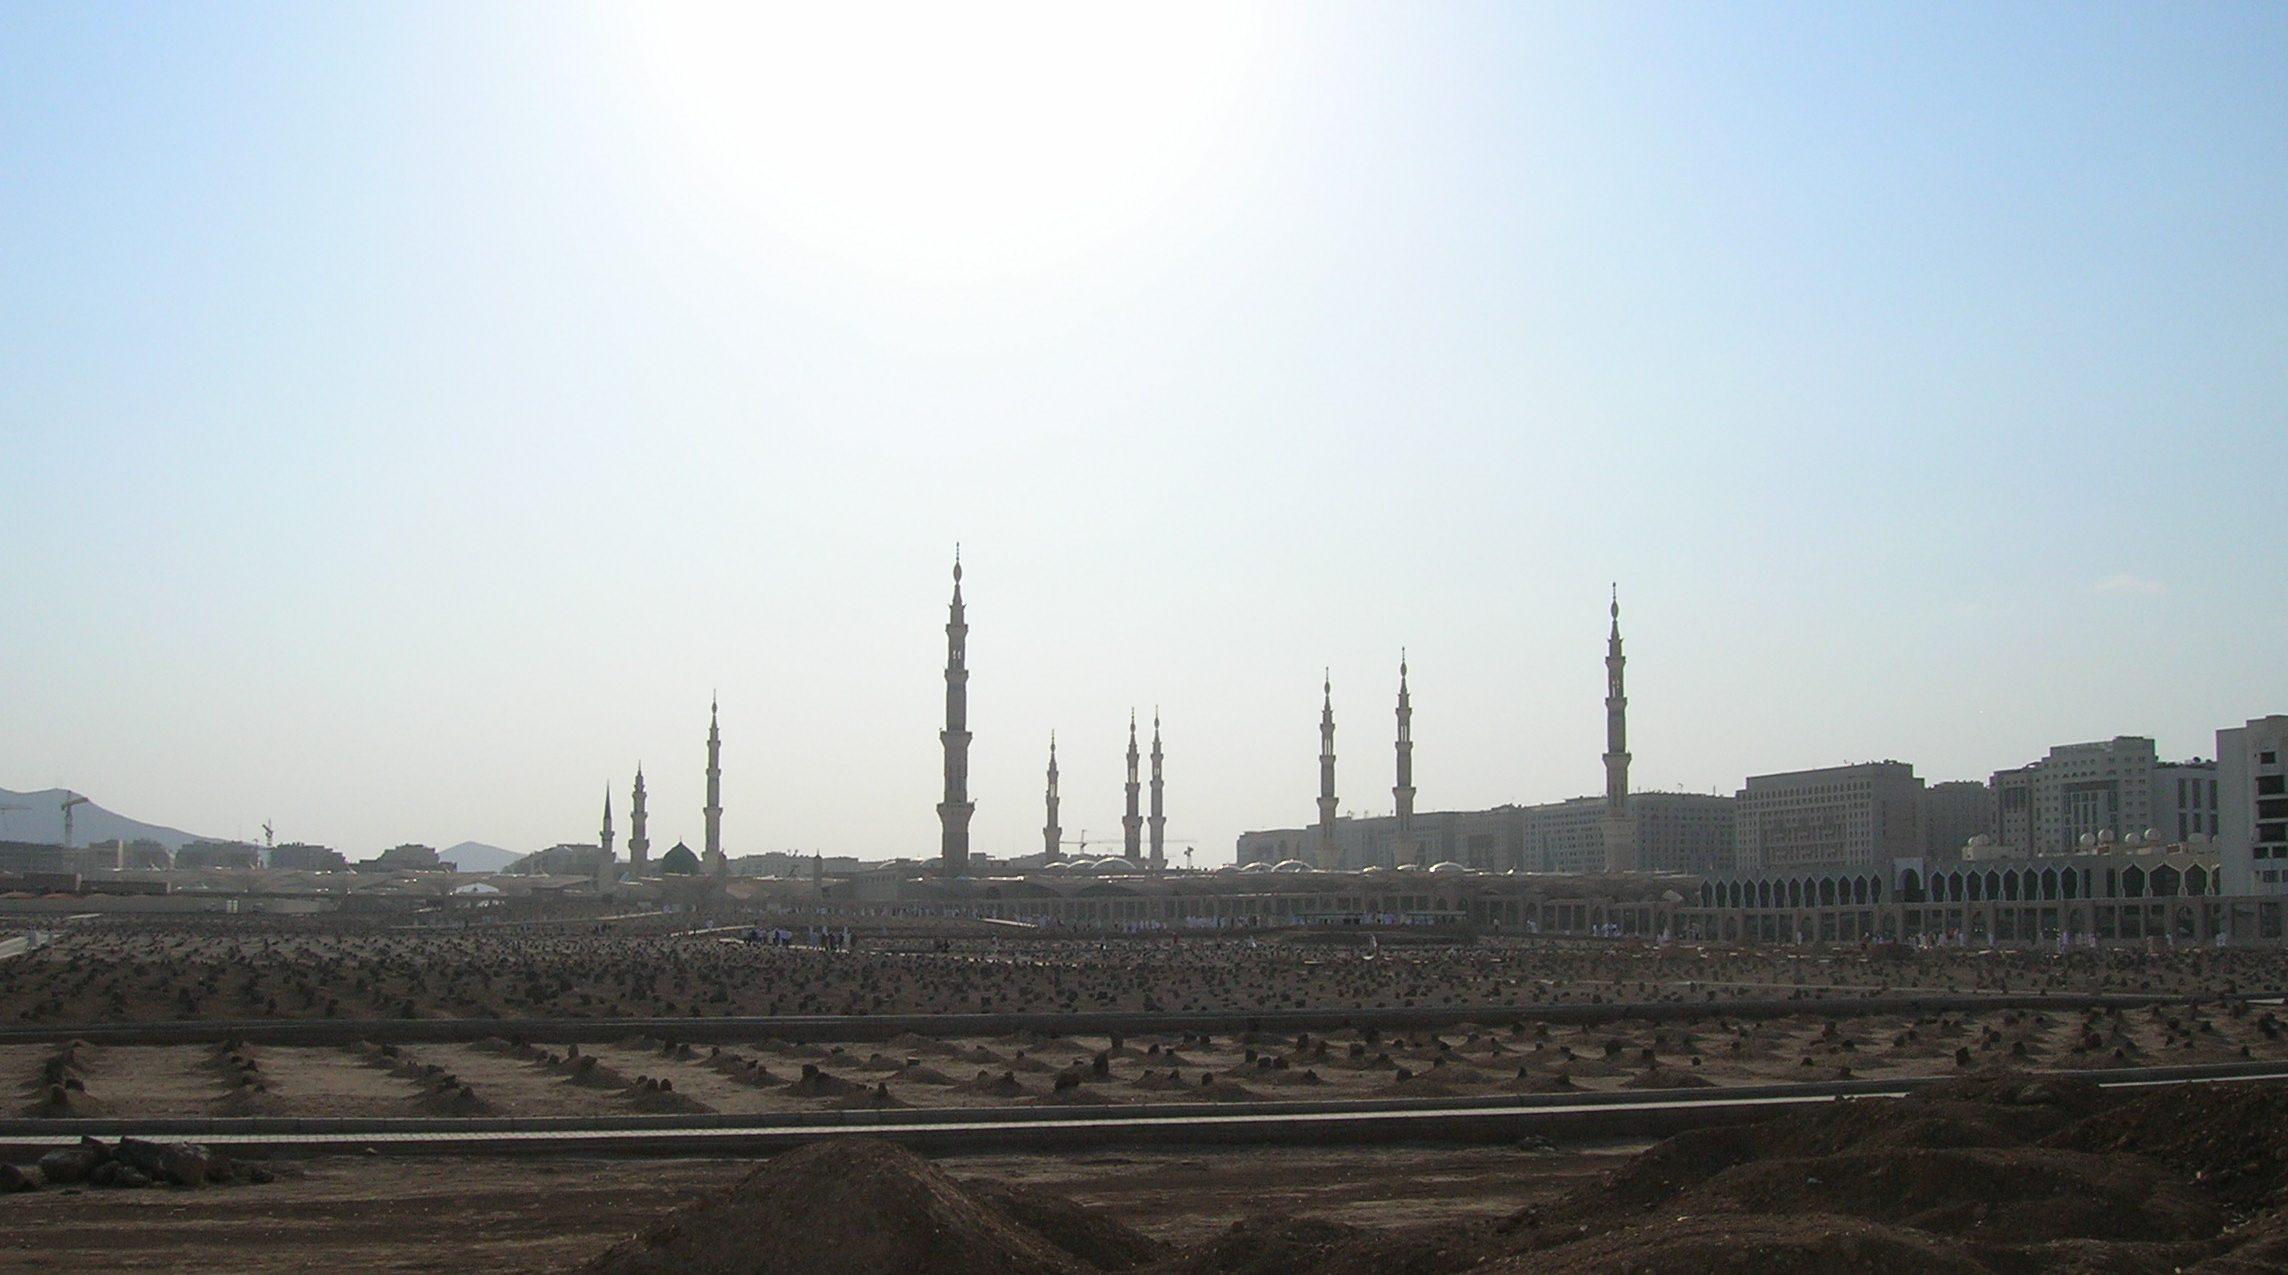 Hukum Memindahkan Kuburan Karena Kebutuhan bimbingan islam